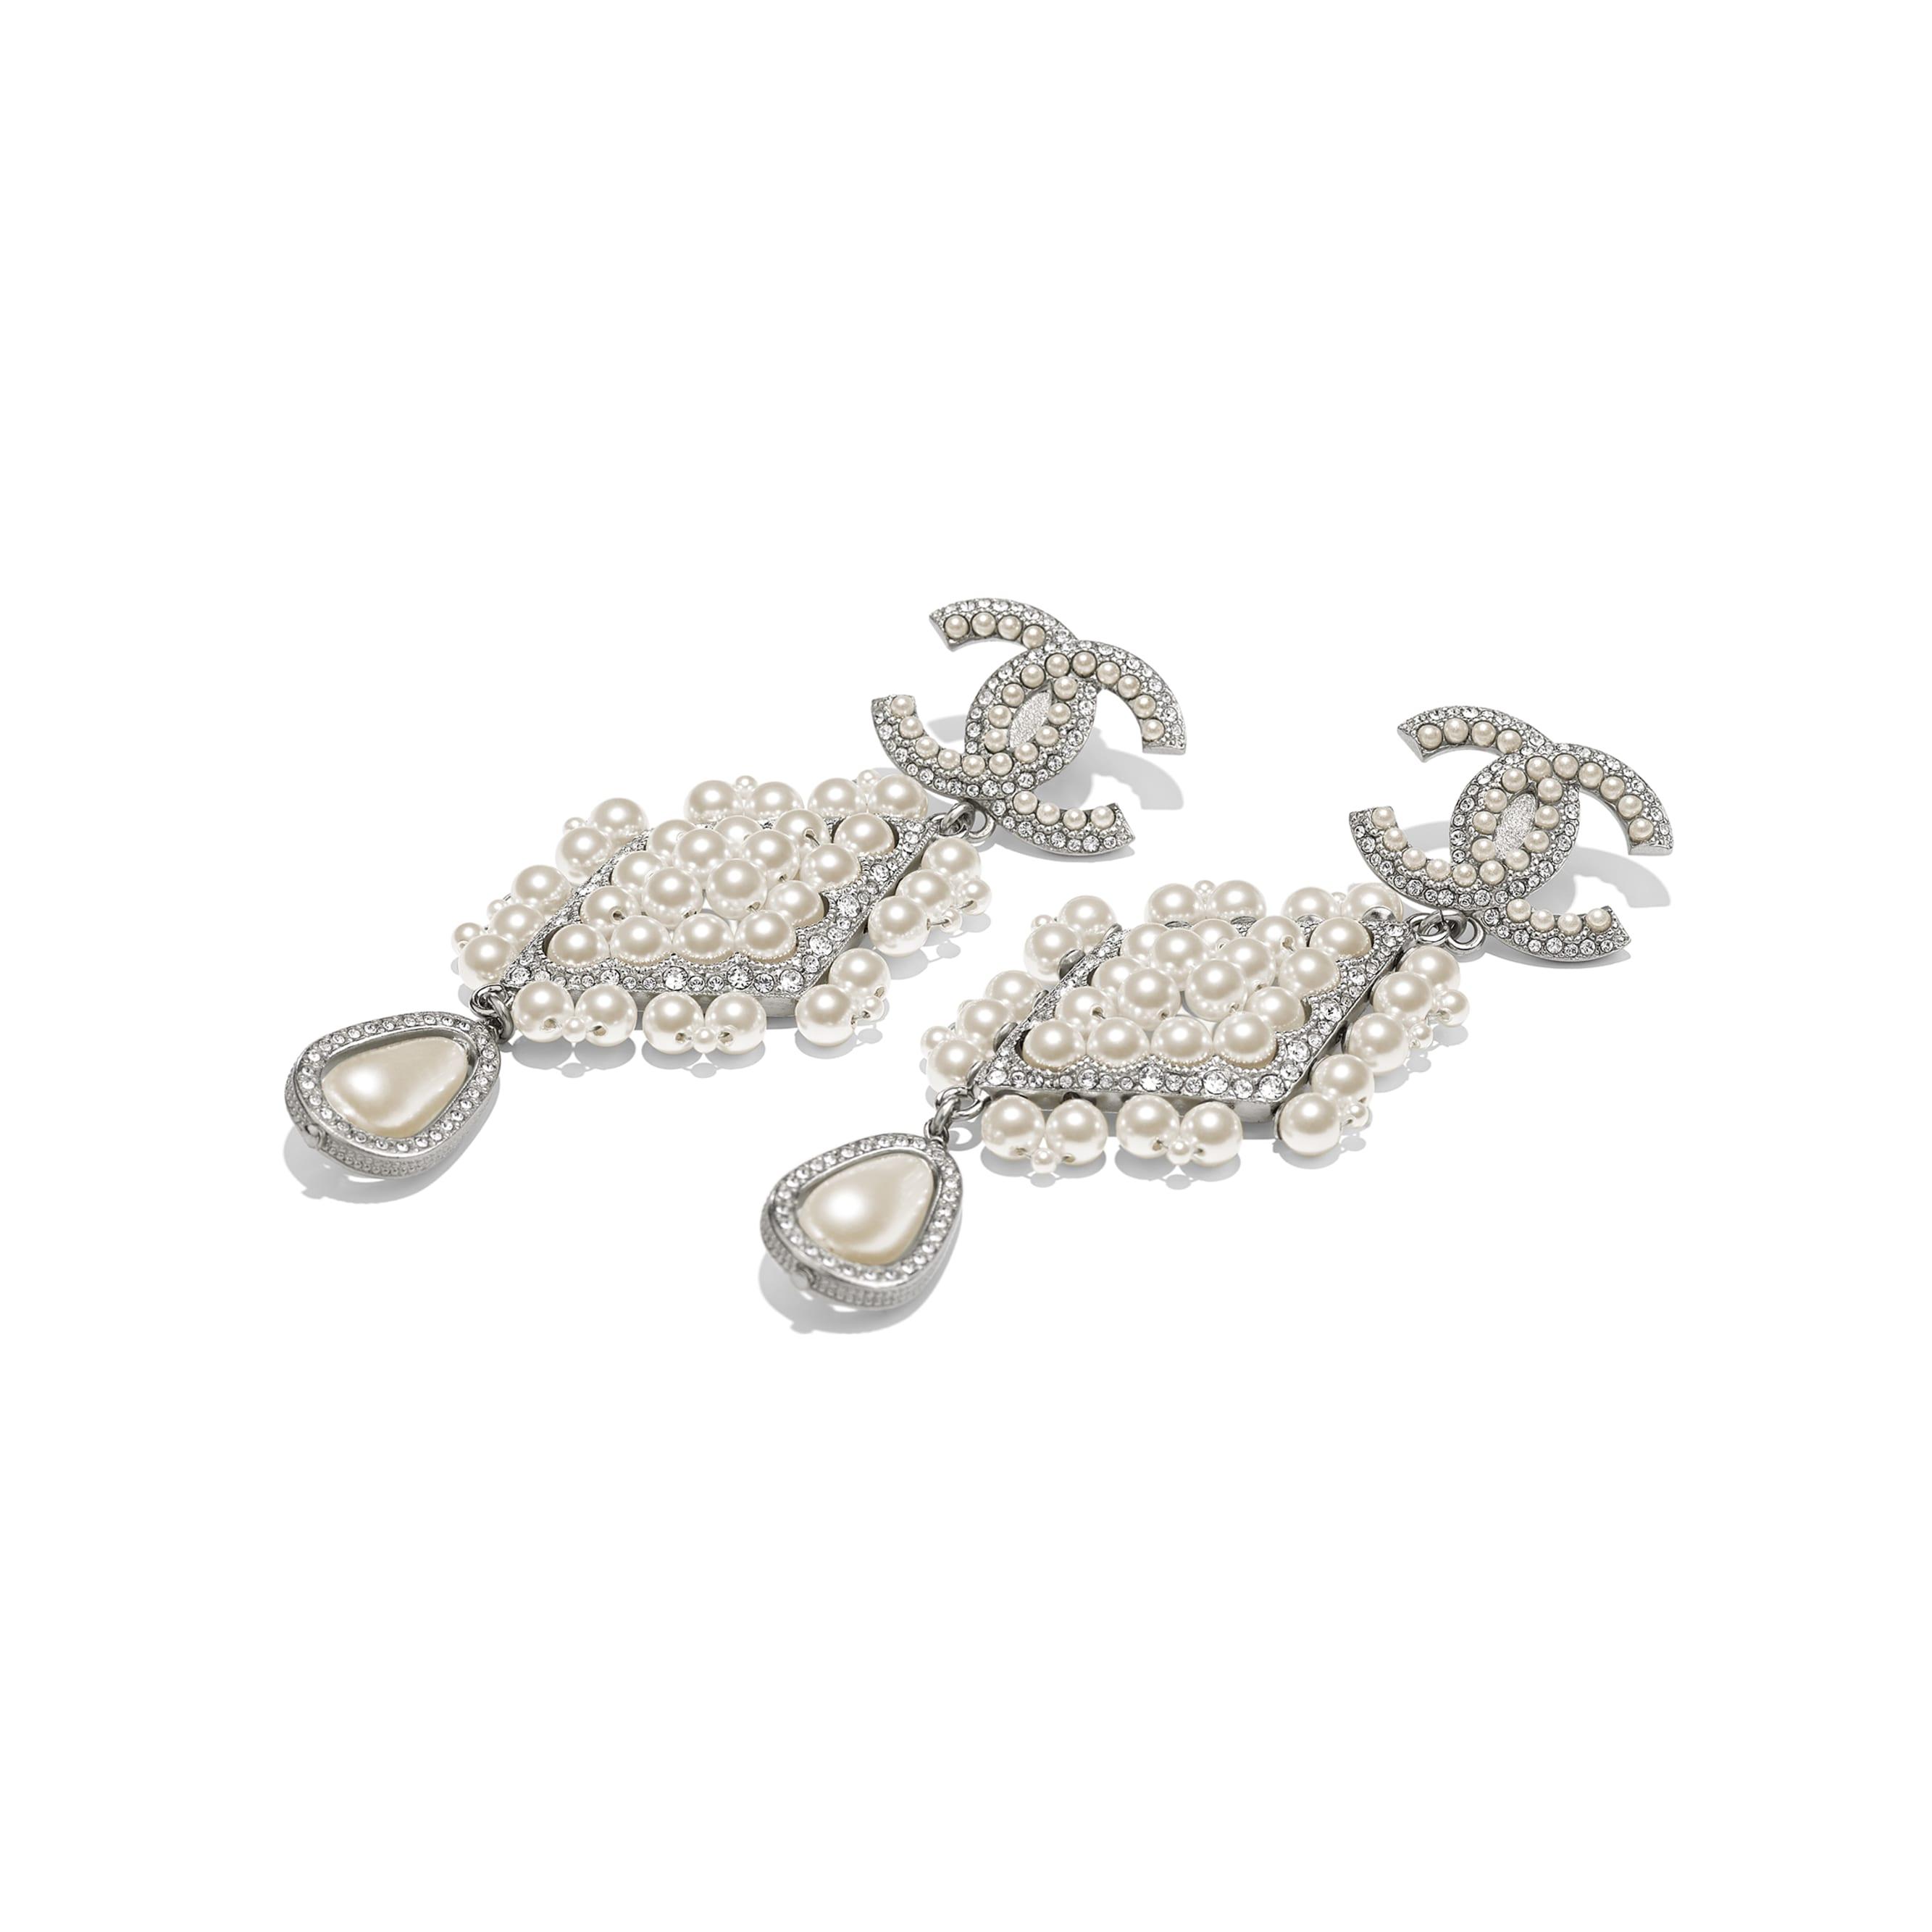 Klipsy - Kolor srebrny, perłowobiały i krystaliczny - Metal, szklane perły i stras - Widok alternatywny – zobacz w standardowym rozmiarze